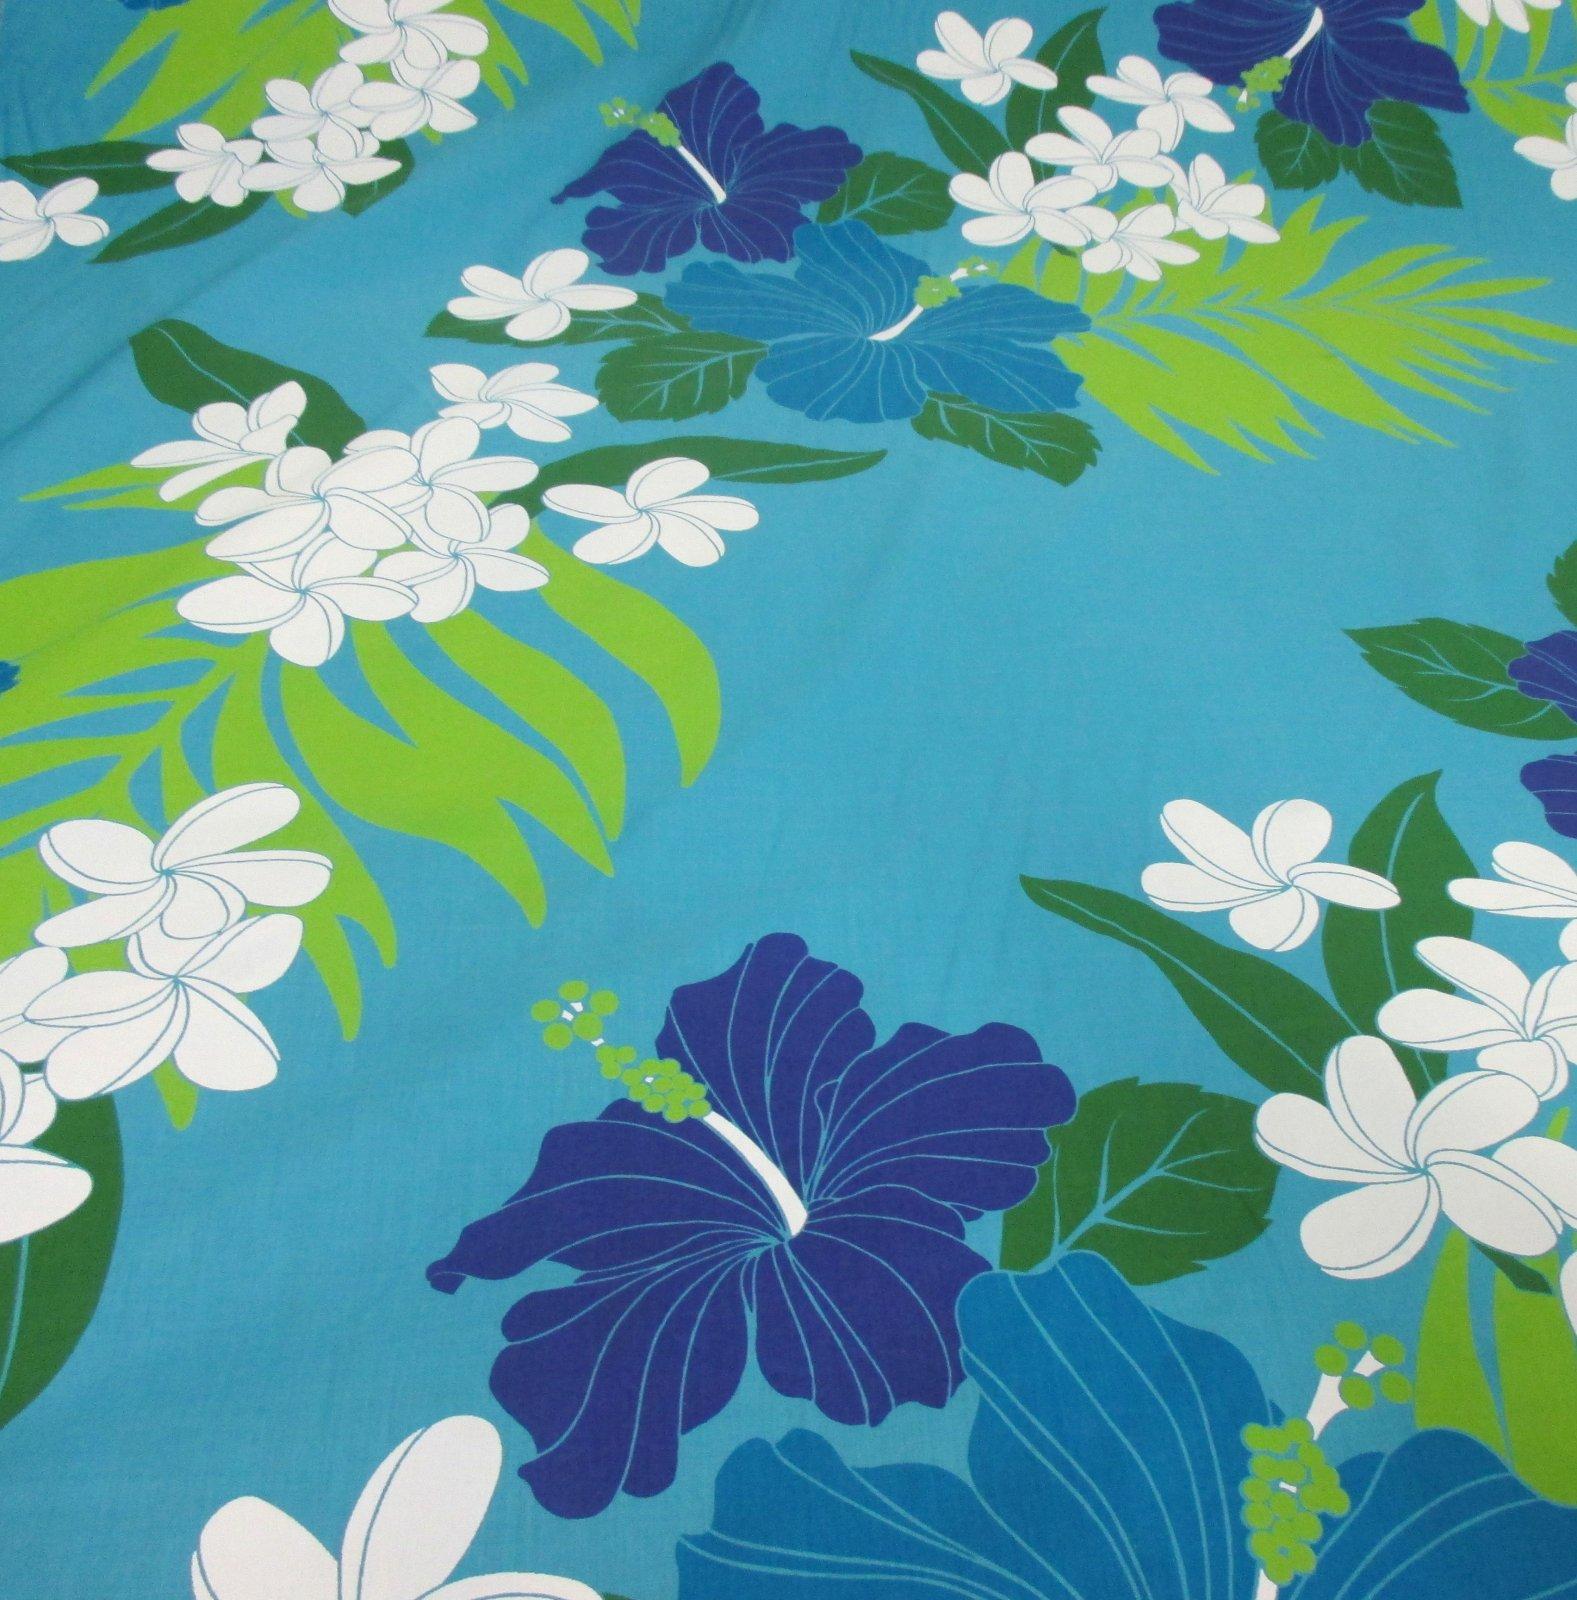 Hibiscus and Plumeria - Blue